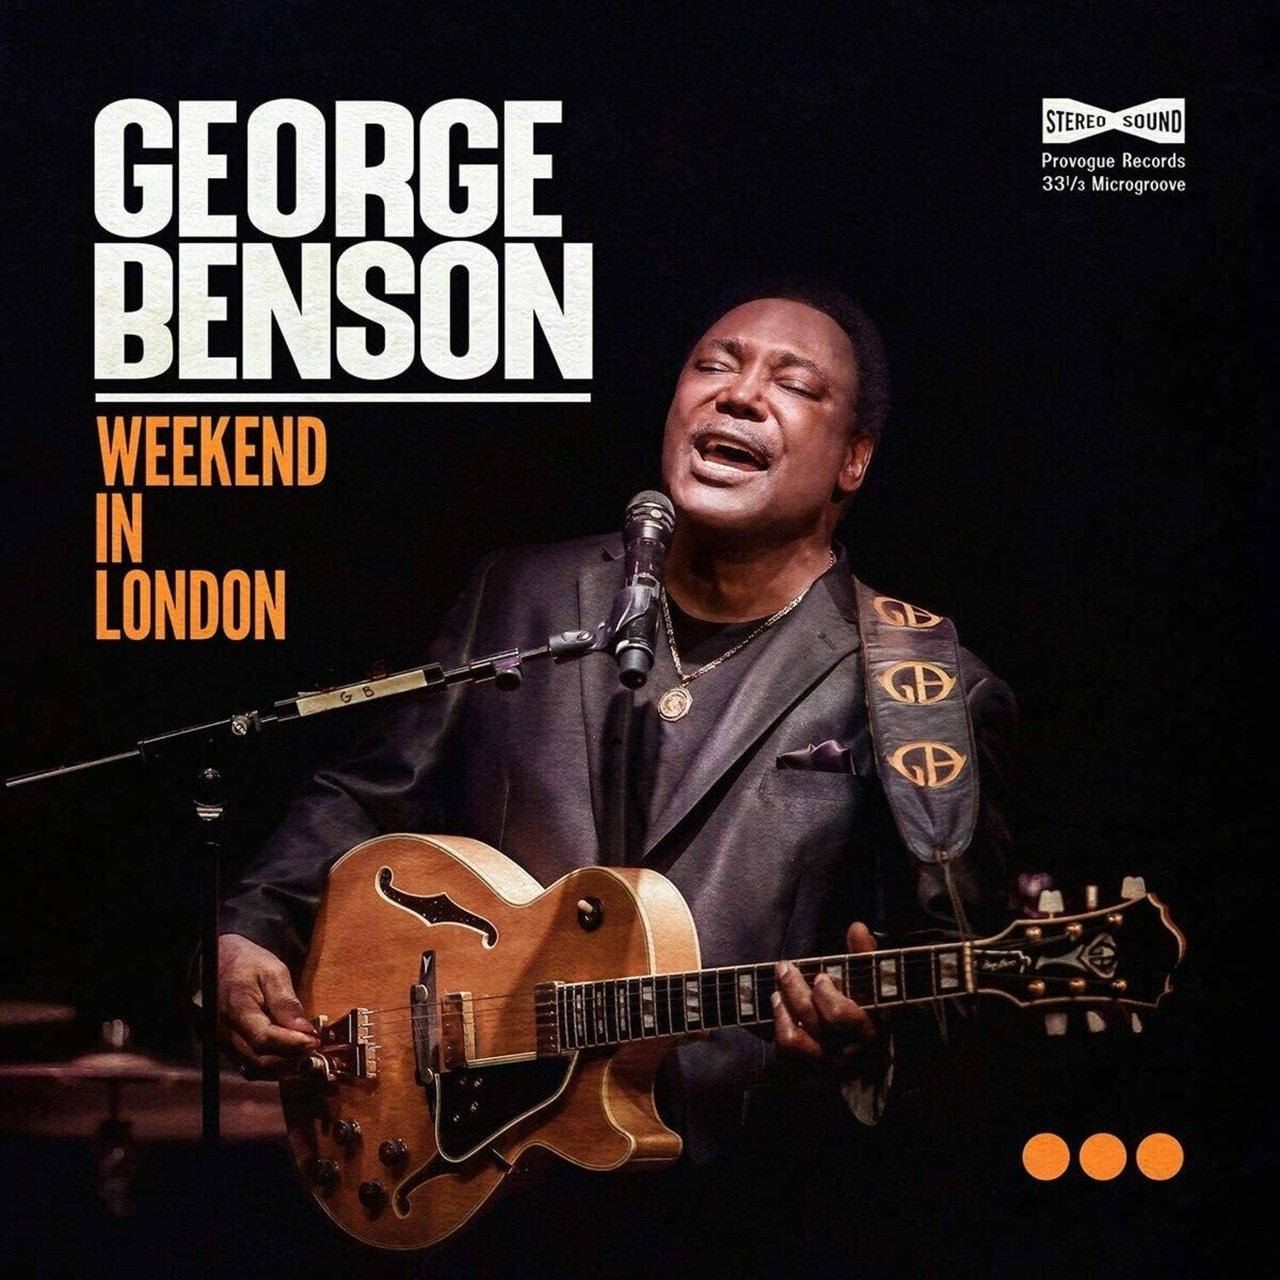 Weekend in London - 1